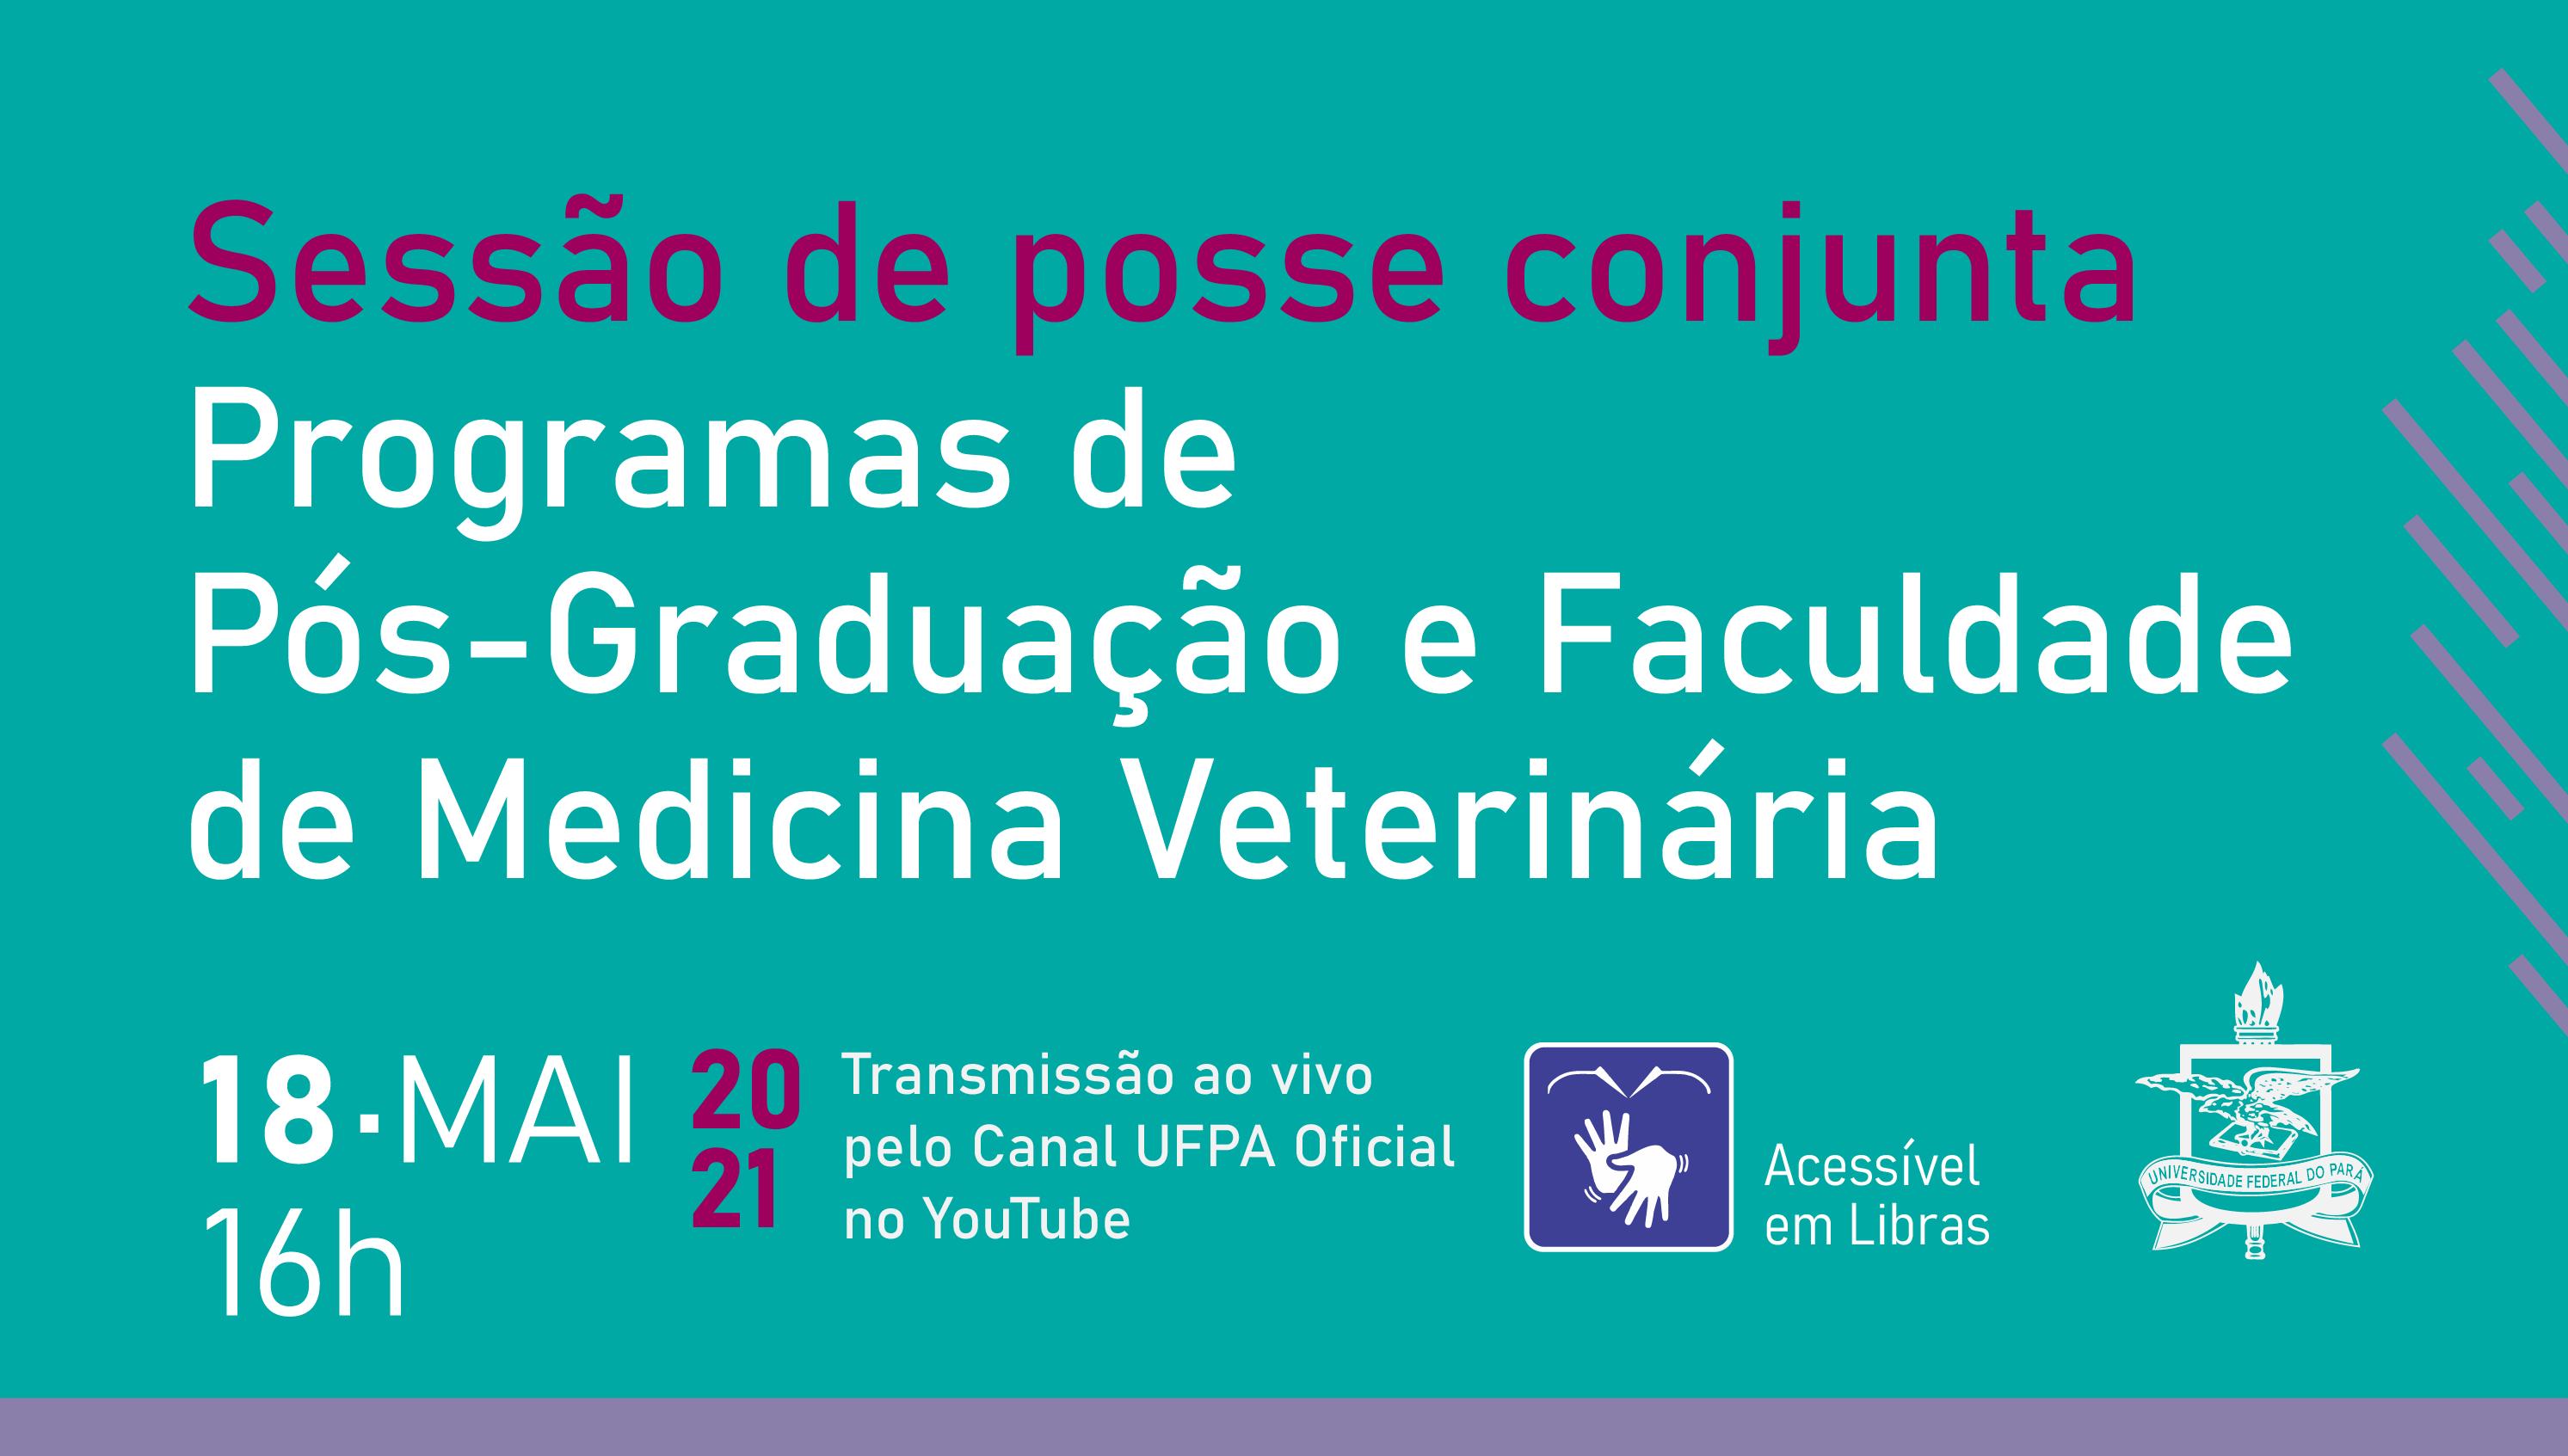 Posse conjunta de dirigentes do Instituto de Medicina Veterinária ocorre nesta terça, 18 de maio